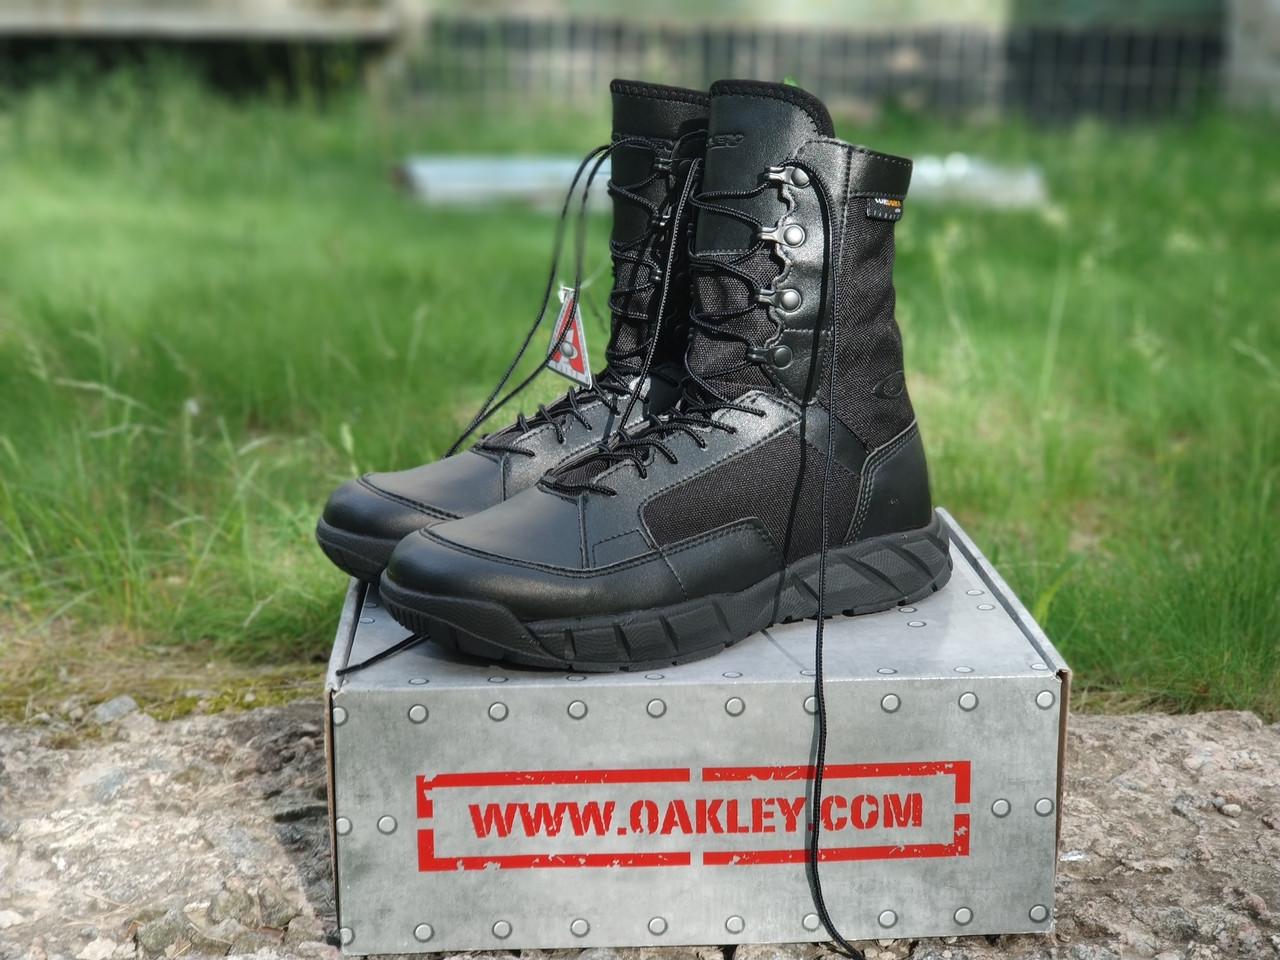 Тактические кроссовки облегченные, летние ботинки (берцы) Oakley (boots-oakley) 45р.